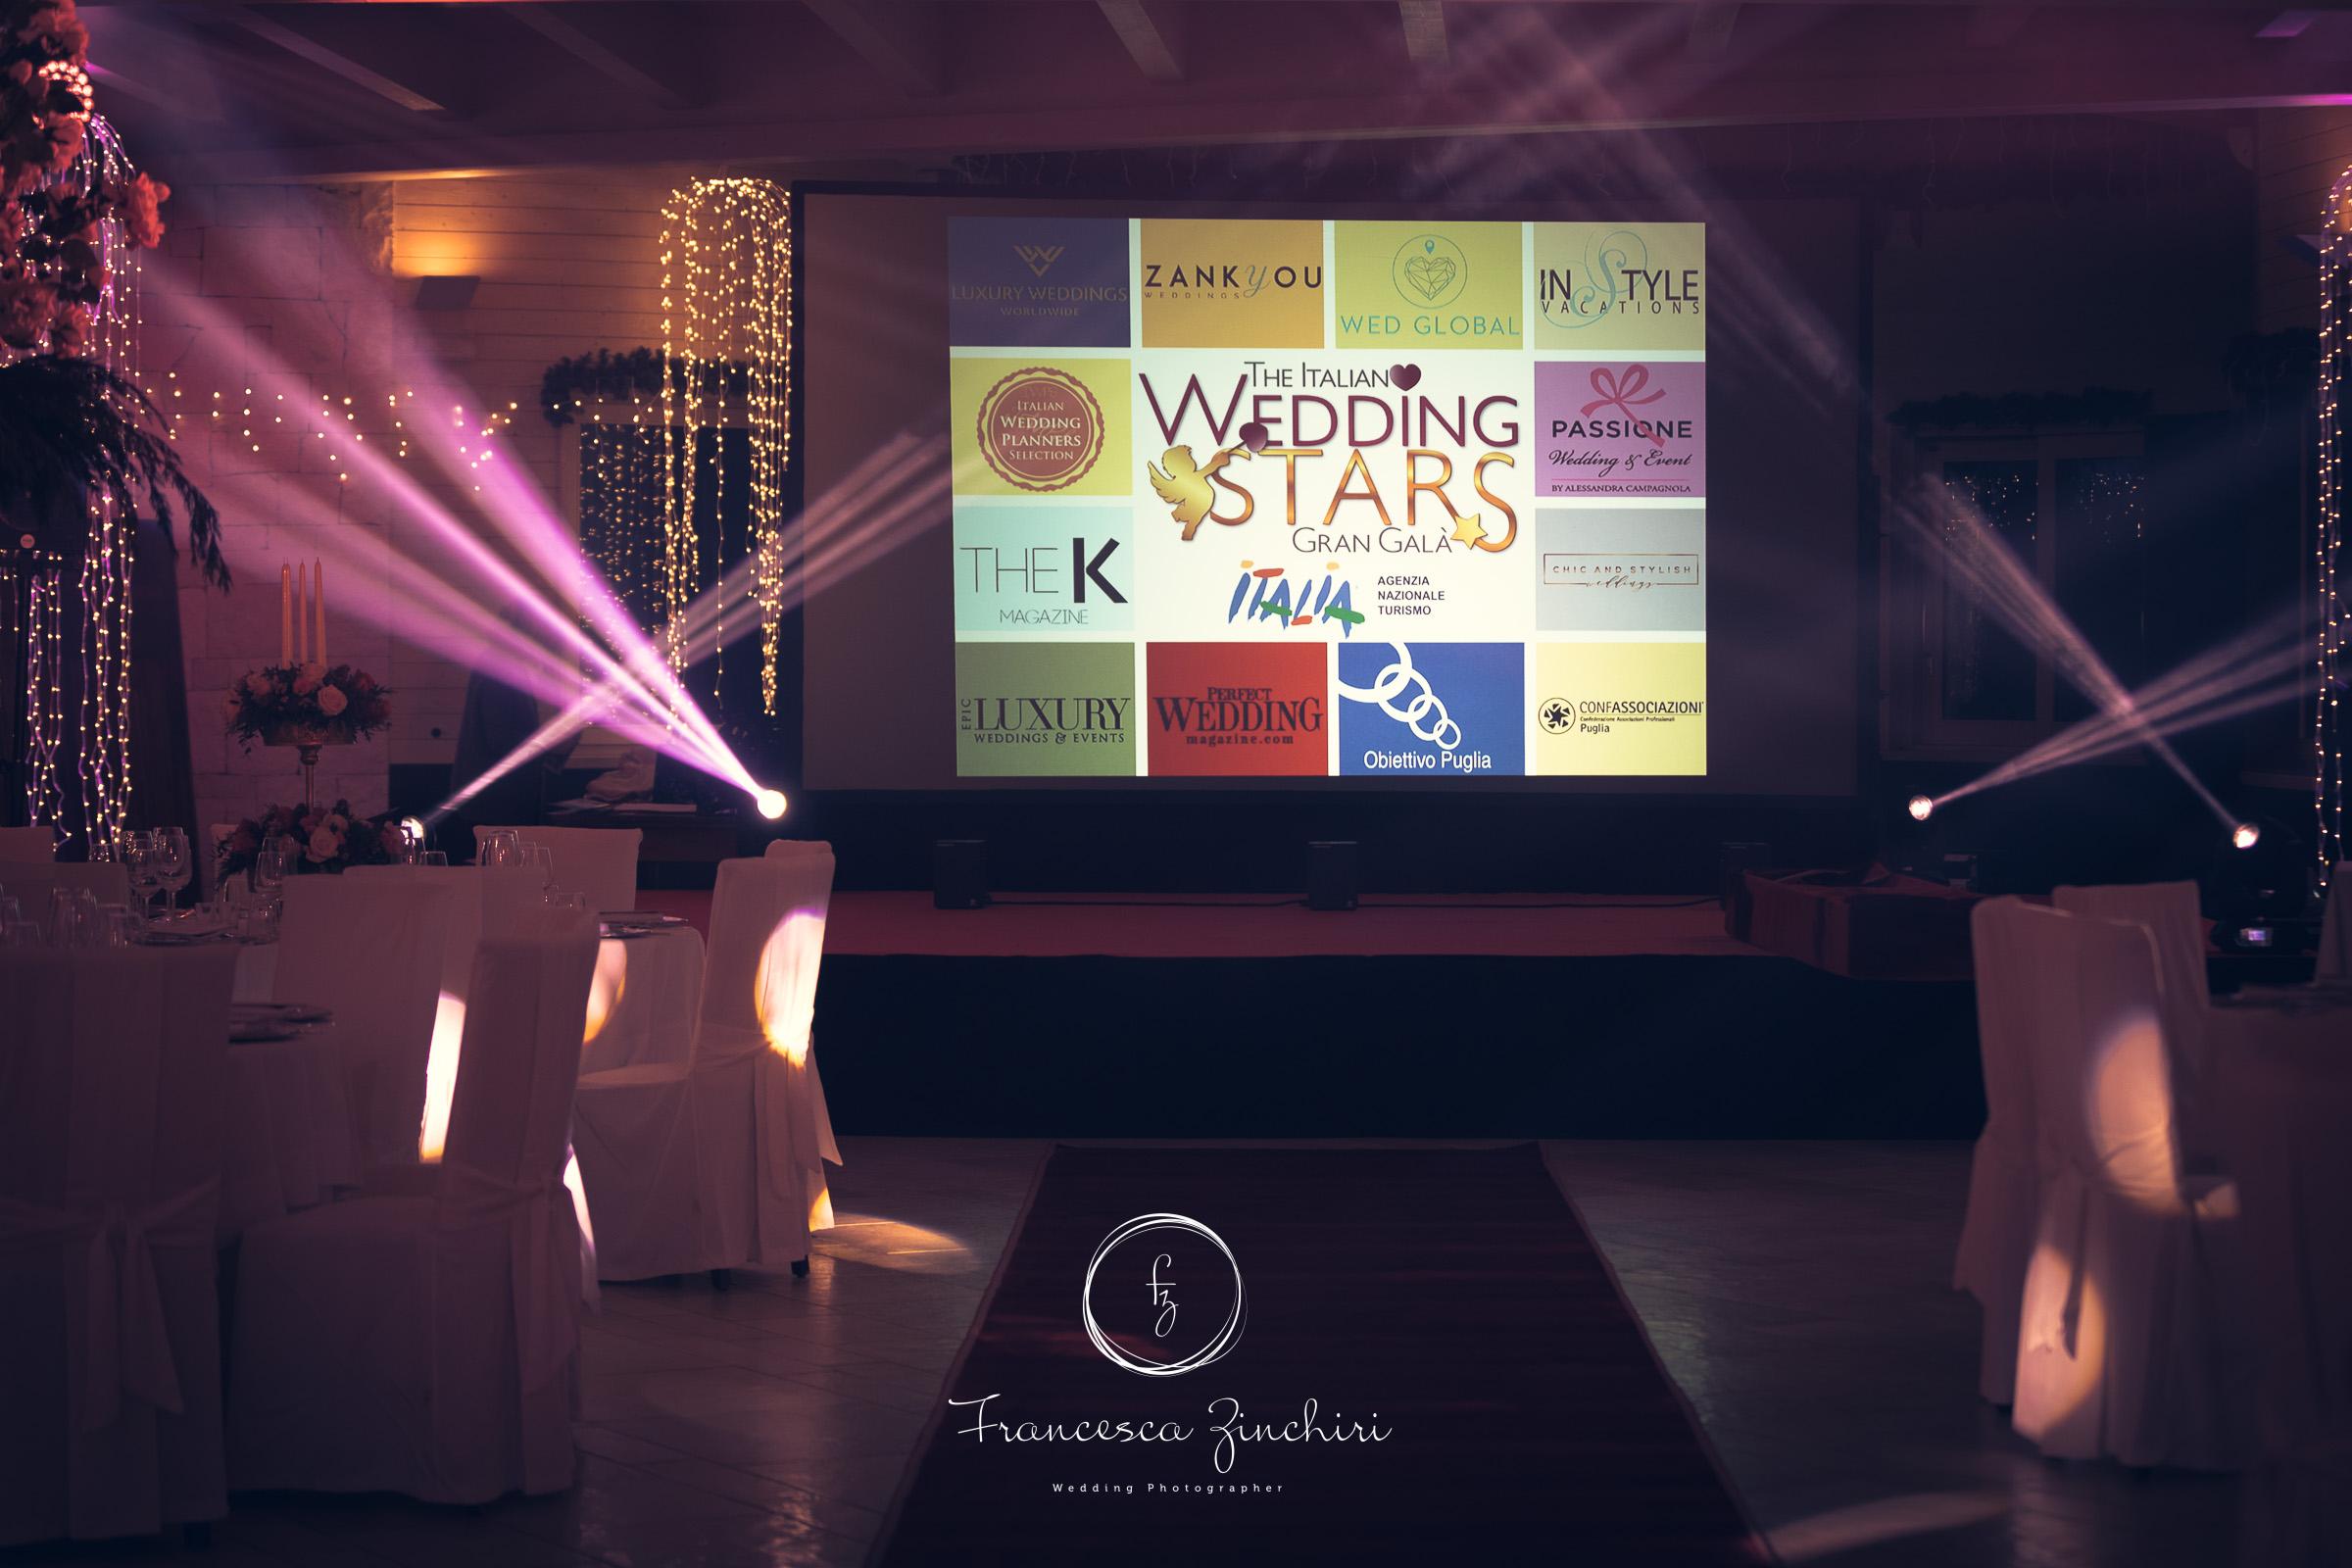 the italian weddin stars